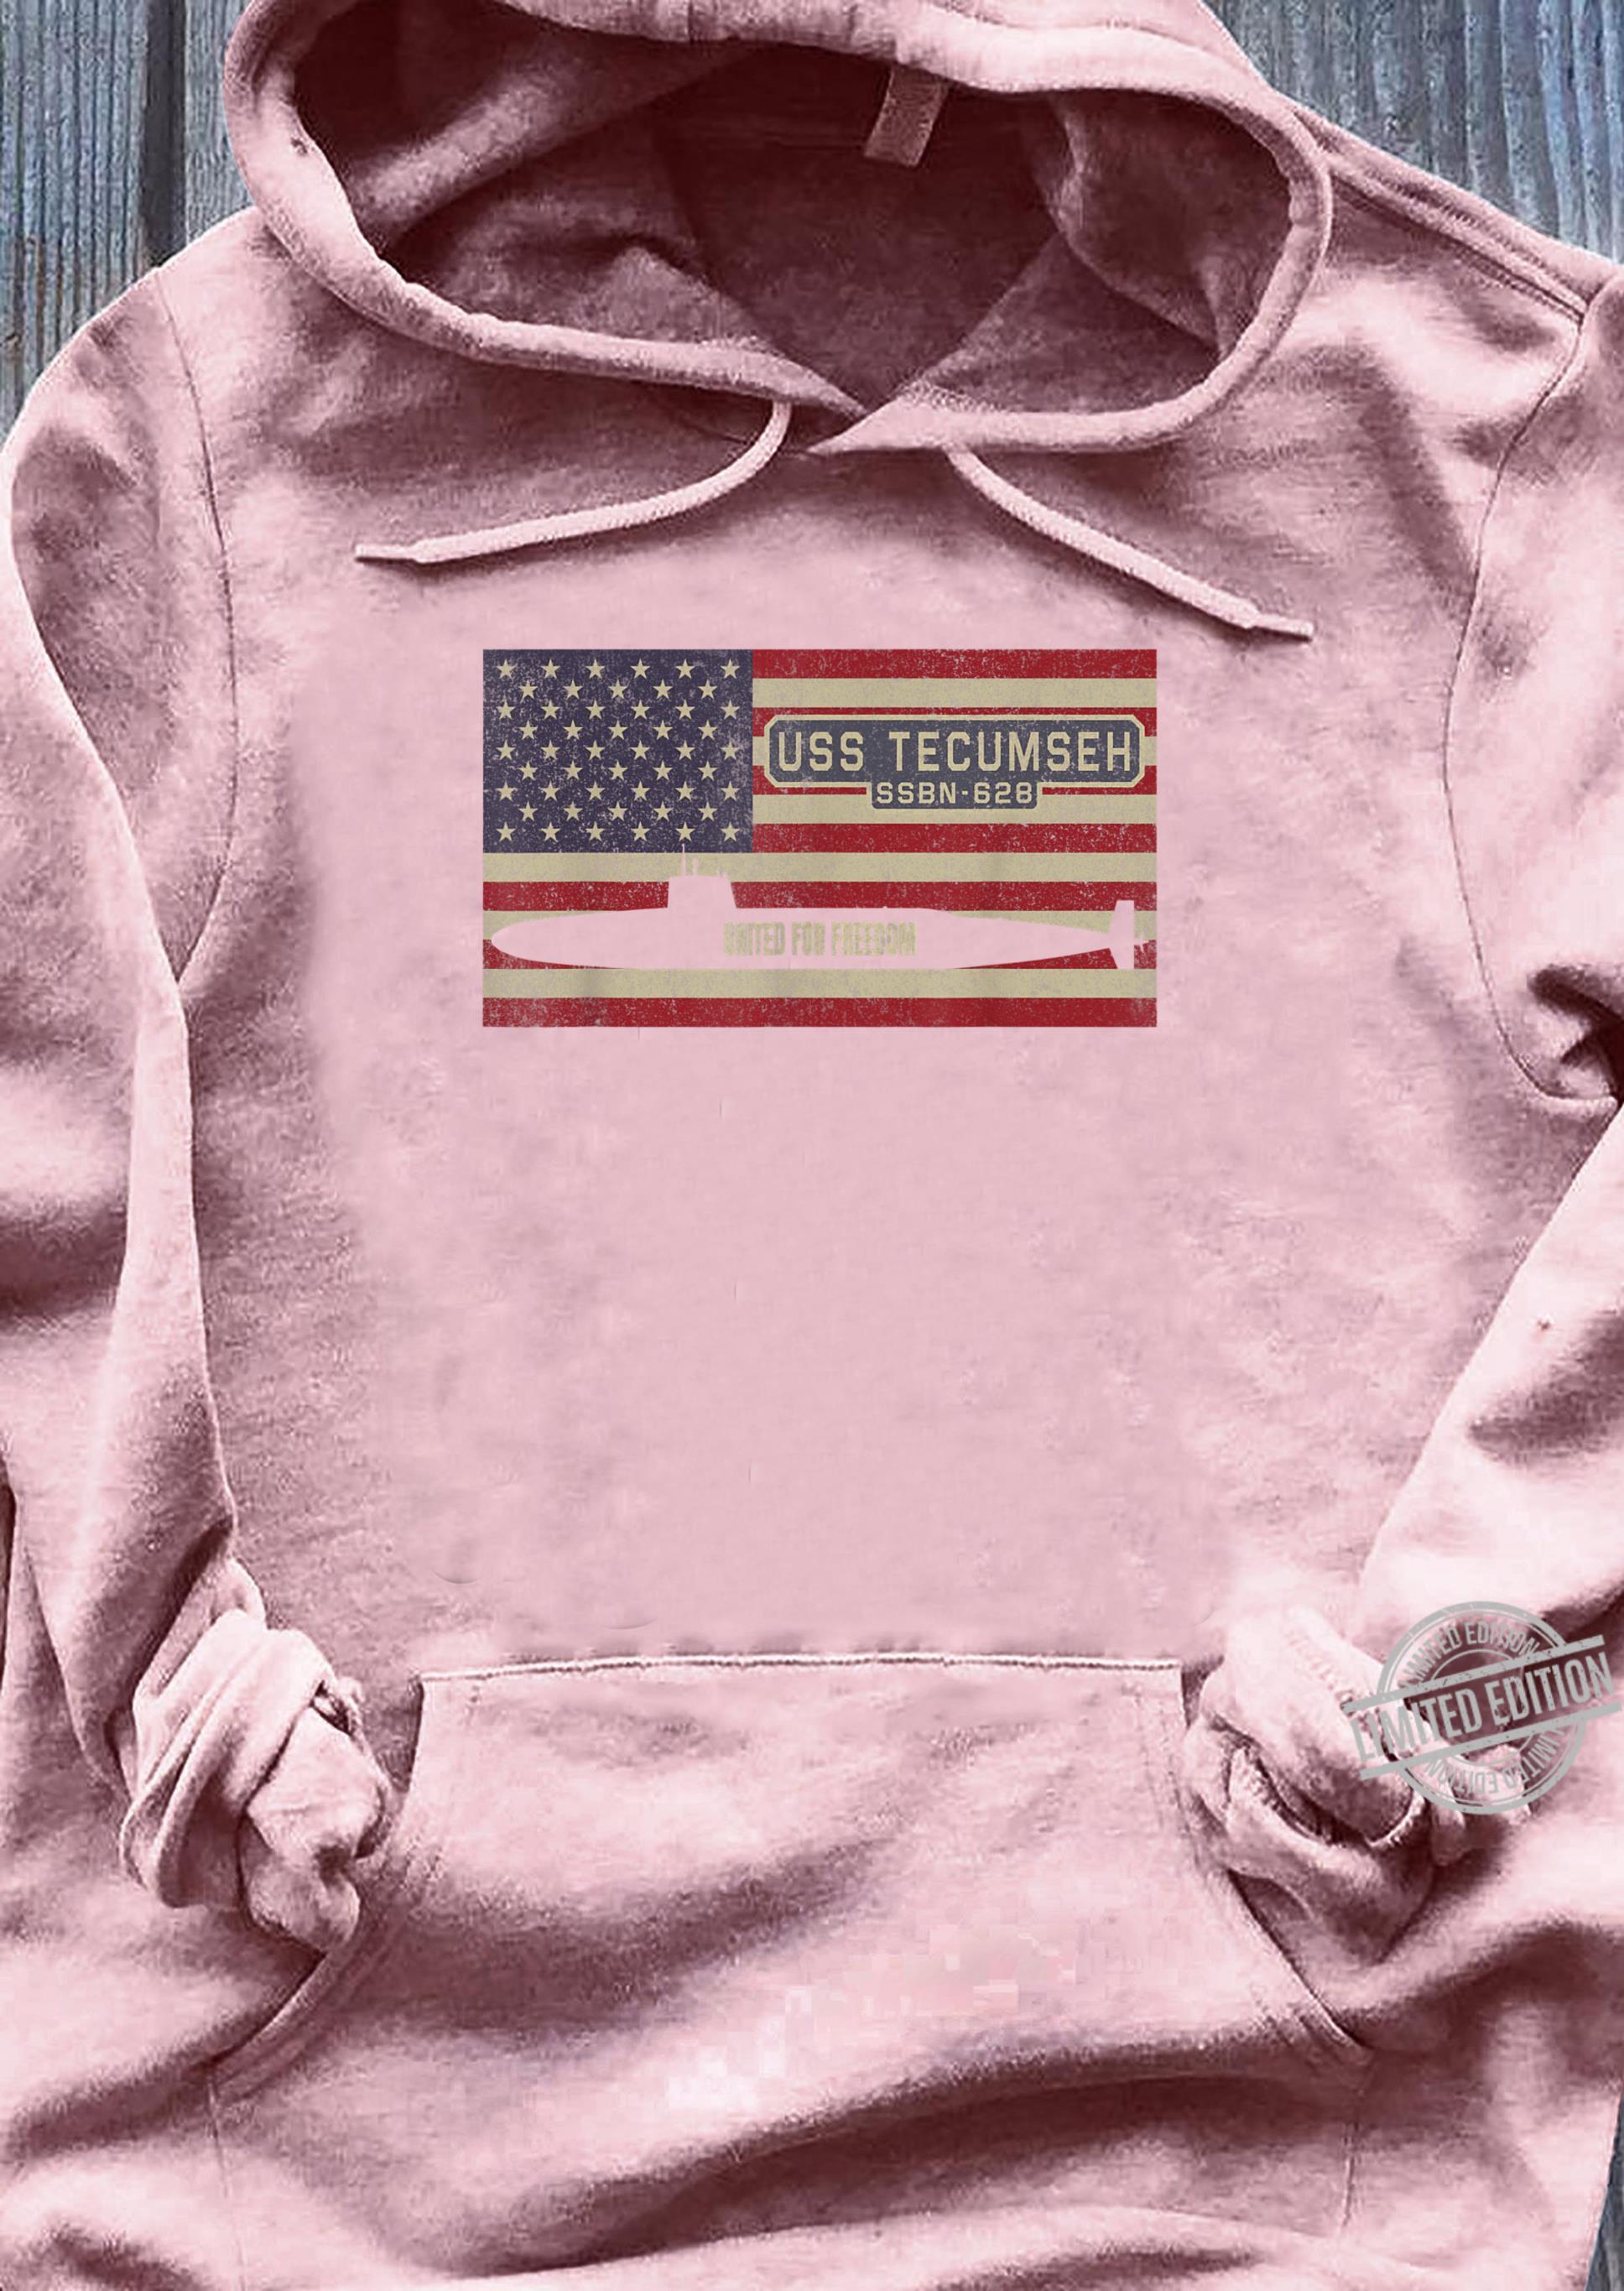 USS Tecumseh SSBN628 UBoot USA Flag Geschenk Shirt sweater